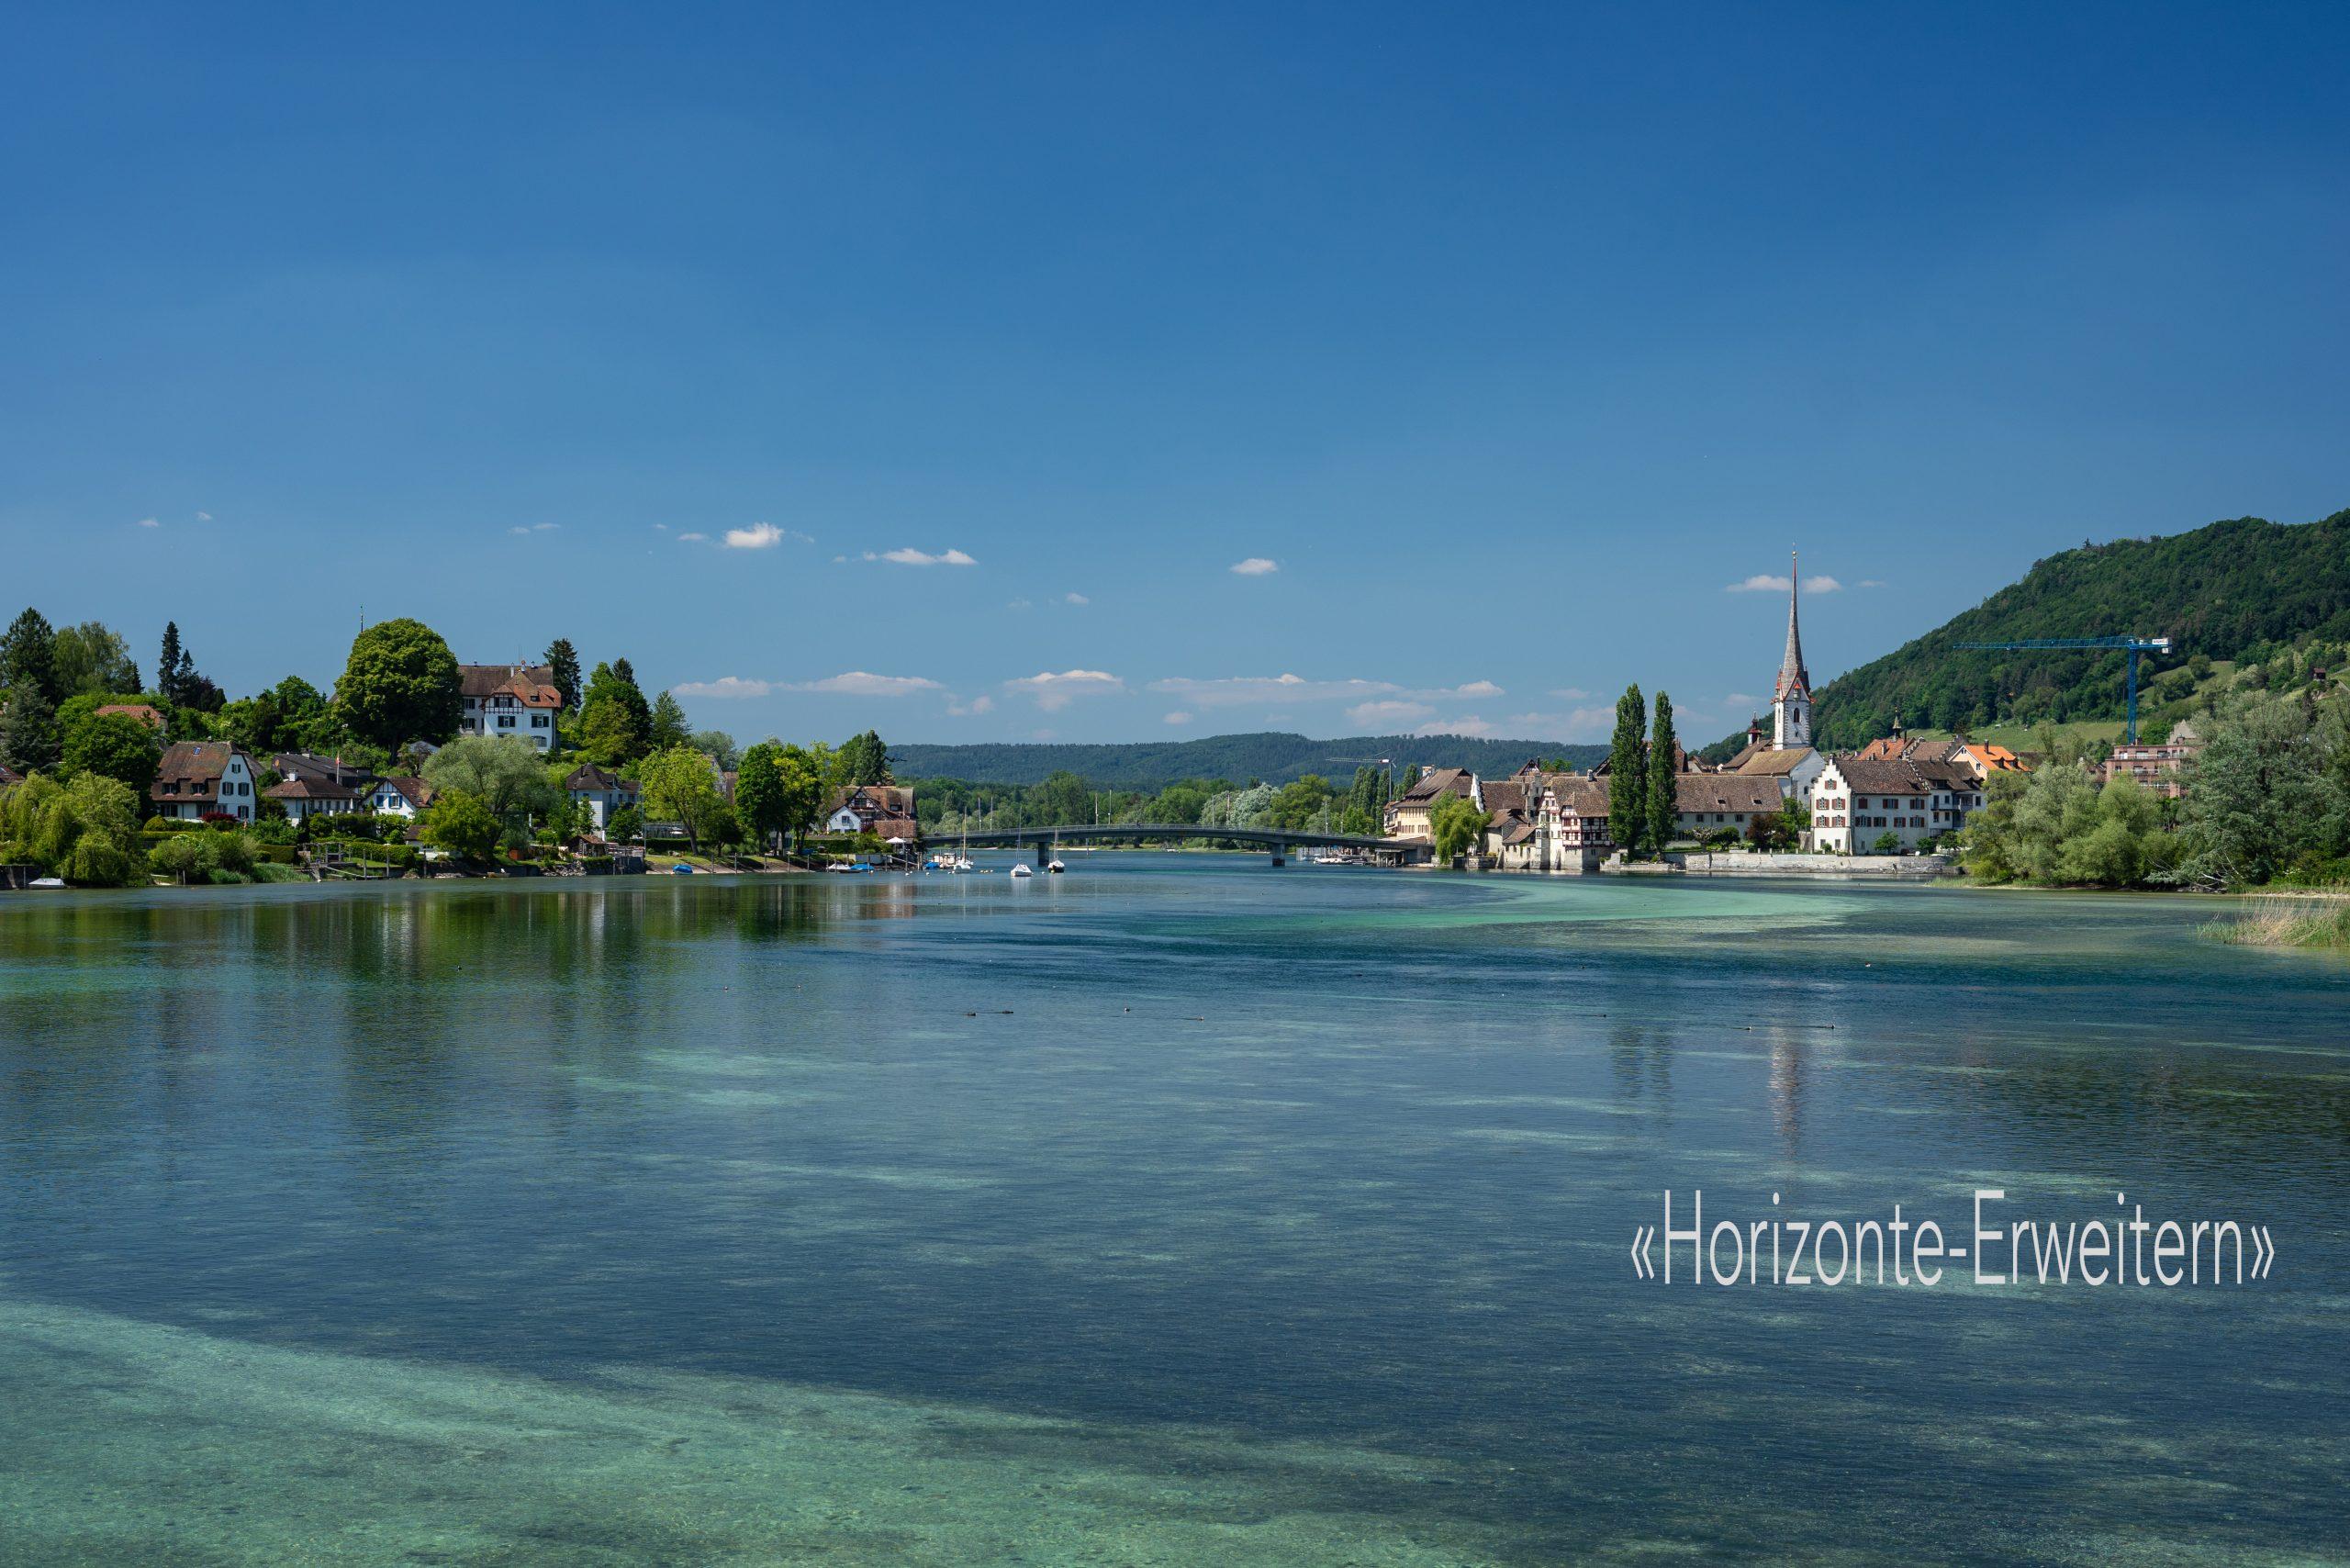 Das pittoreske Schweizer Städtchen Stein am Rhein